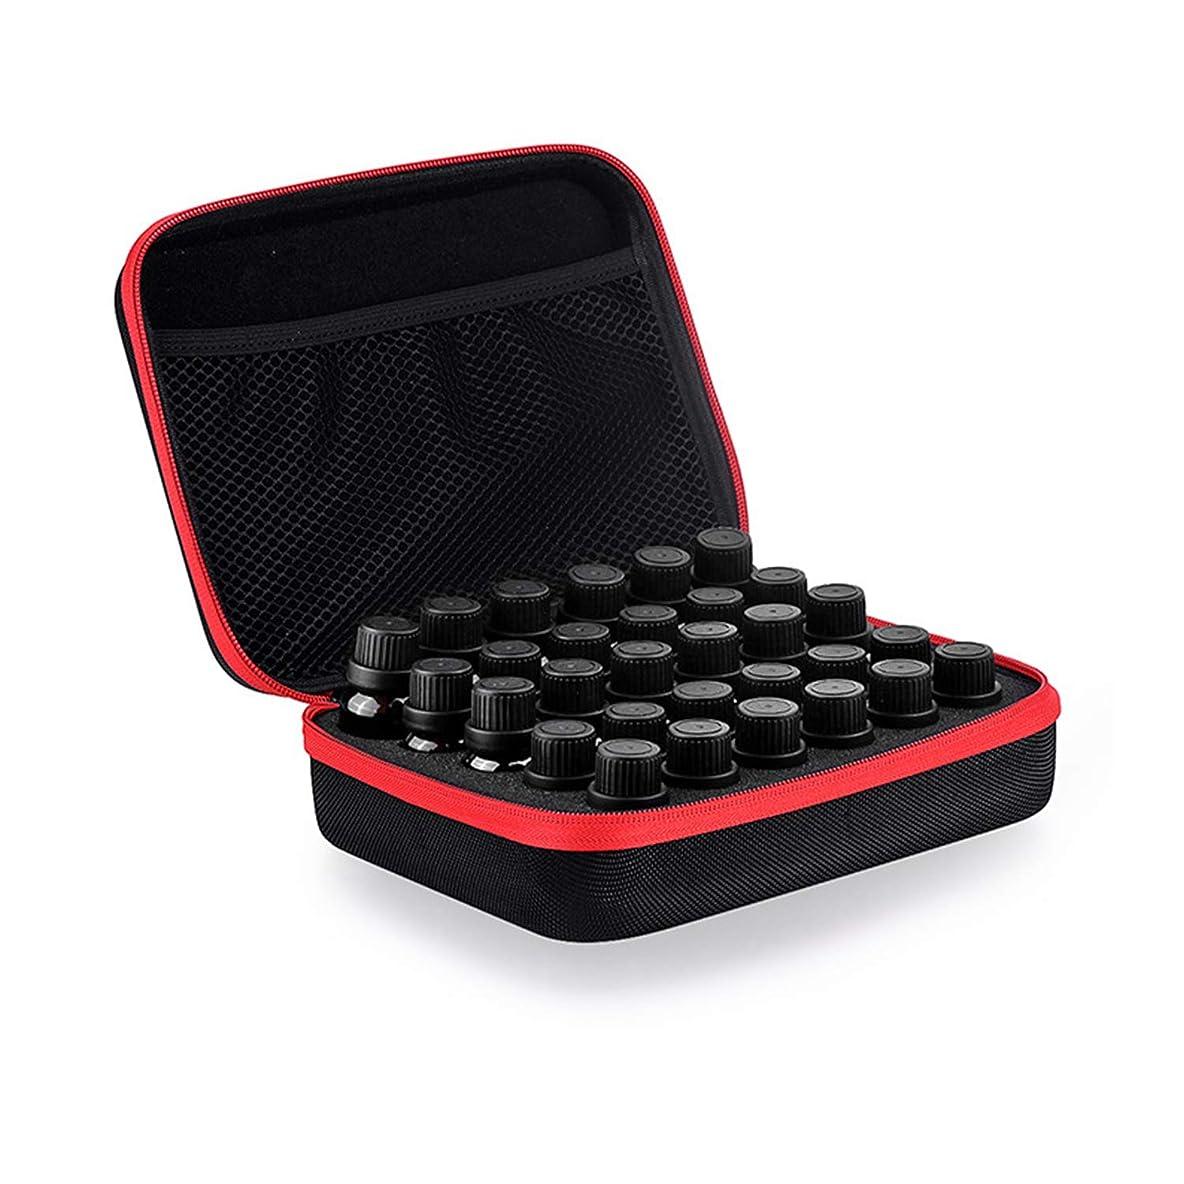 ベックス磨かれた首Coteco 精油 ケース 化粧品袋30スロットボトルエッセンシャルオイルケース用保護5/10/15ミリリットルローラーエッセンシャルオイルバッグ 旅行 キャリング 収納オーガナイザー (赤)